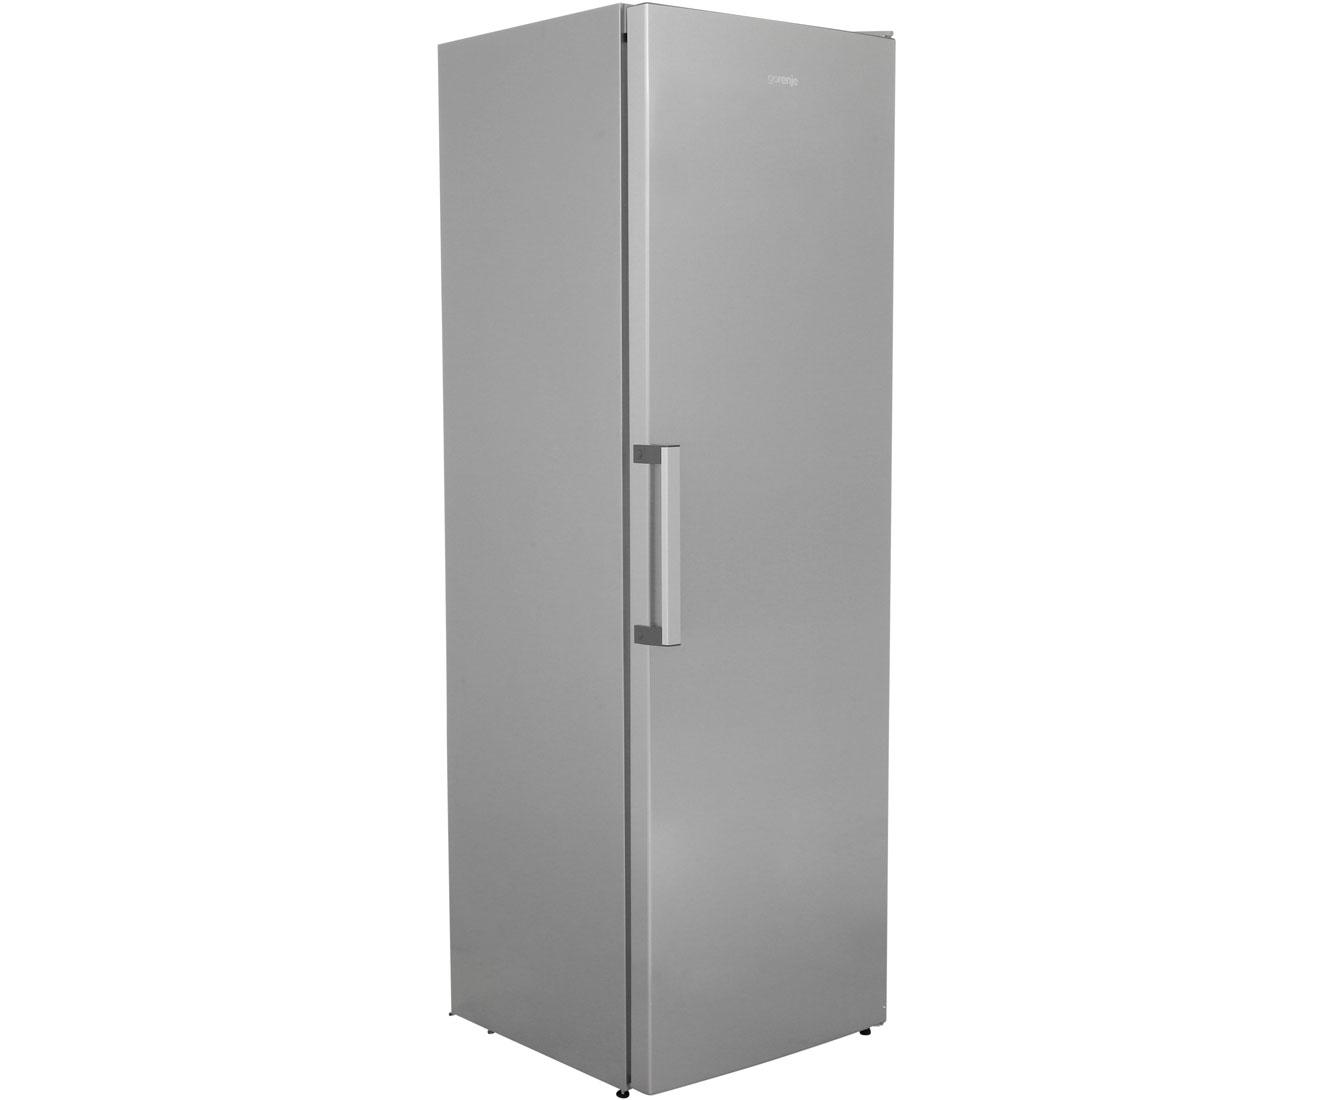 Gorenje Kühlschrank Zweitürig : Coolmatic kompressor kühlschrank preisvergleich u die besten